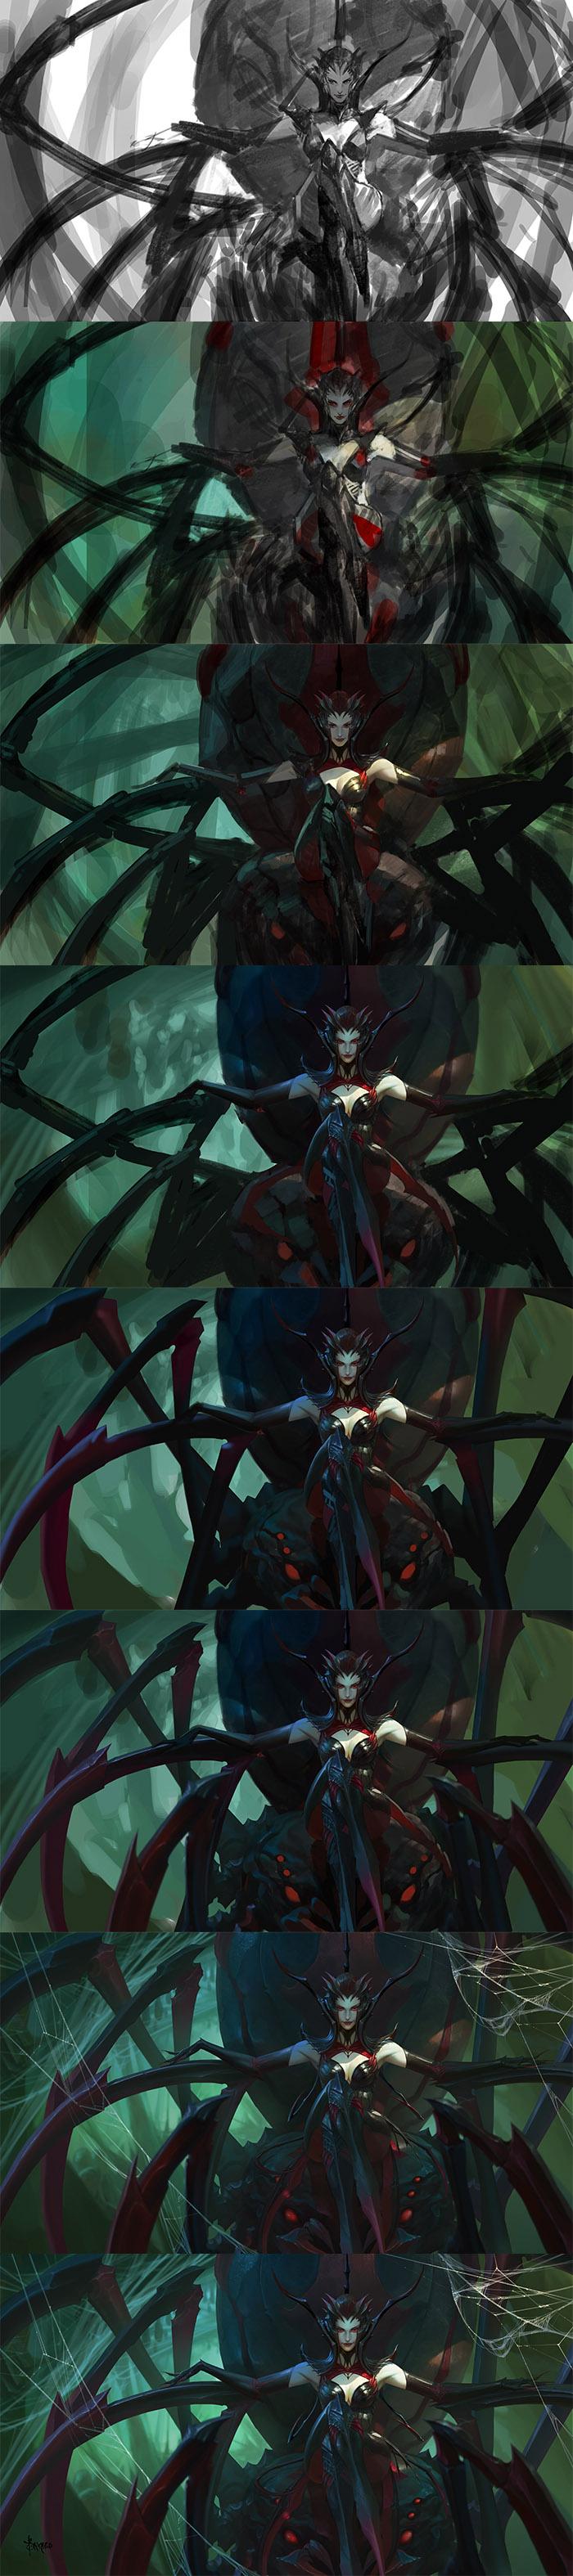 Spider Queen-step by bayardwu